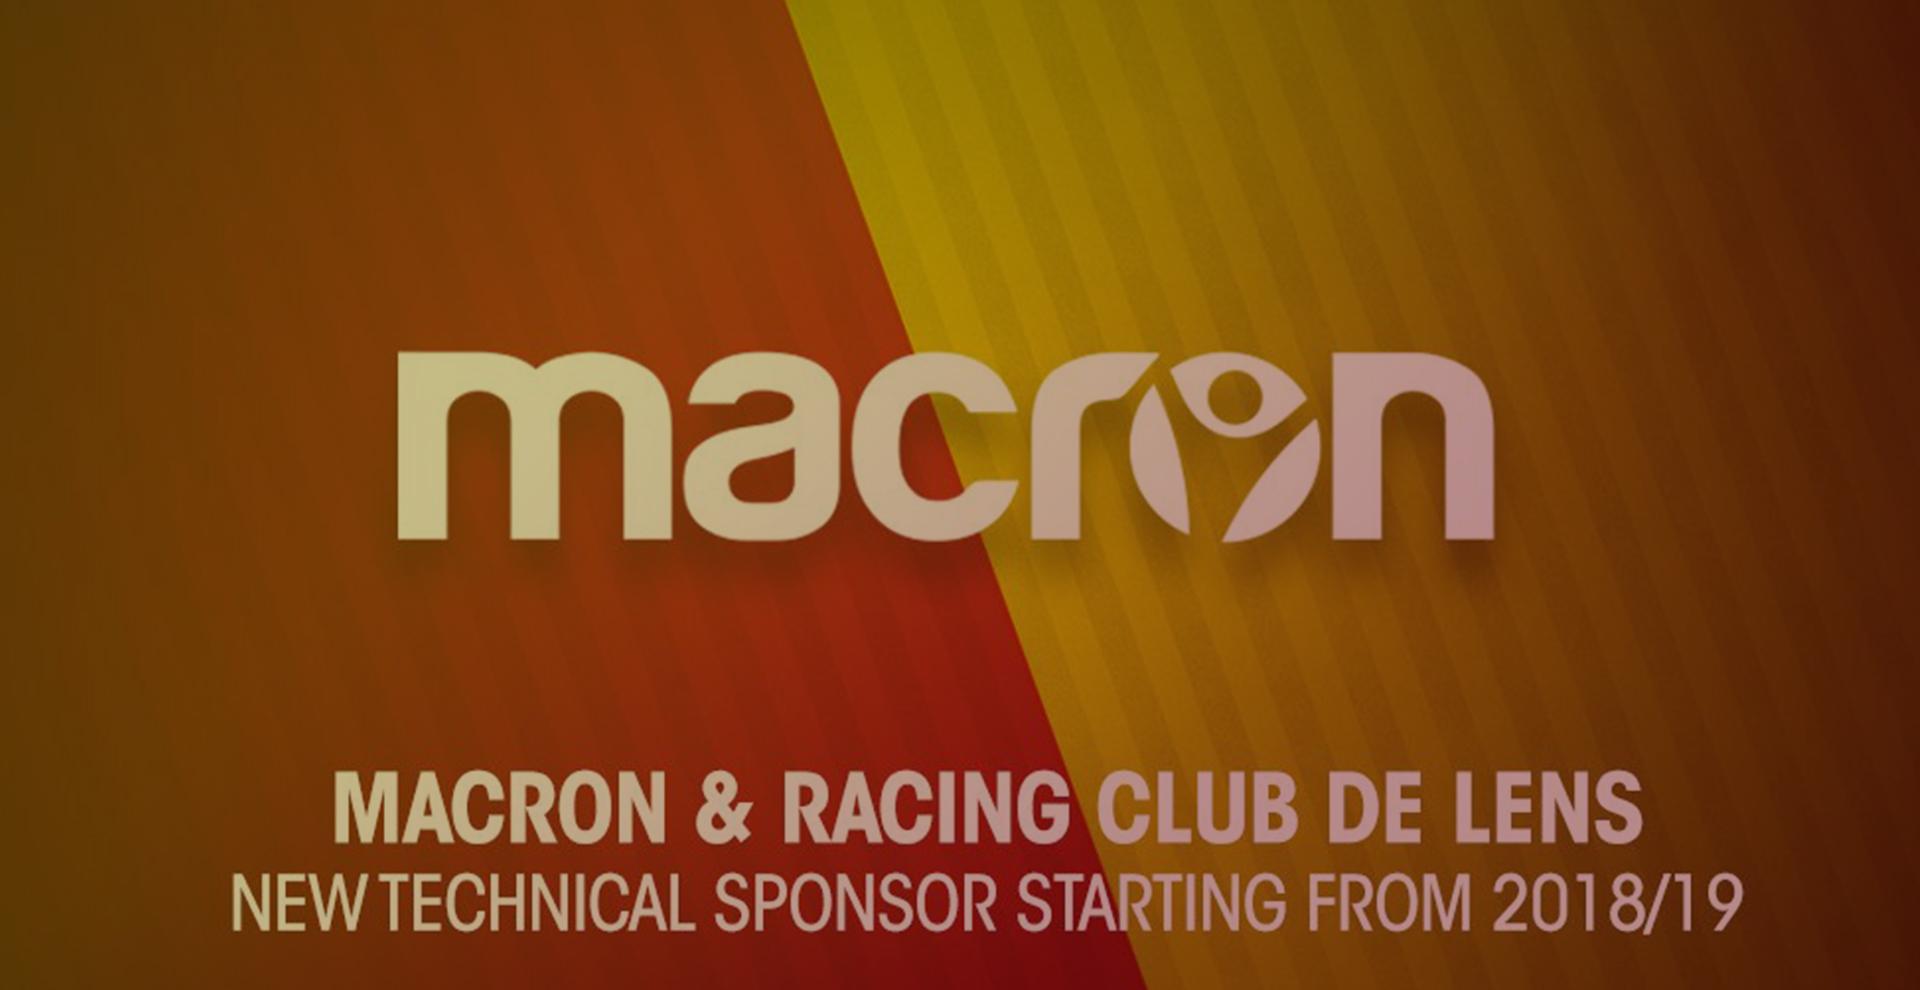 Macron, nouvel équipementier du RC Lens ! | RC Lens